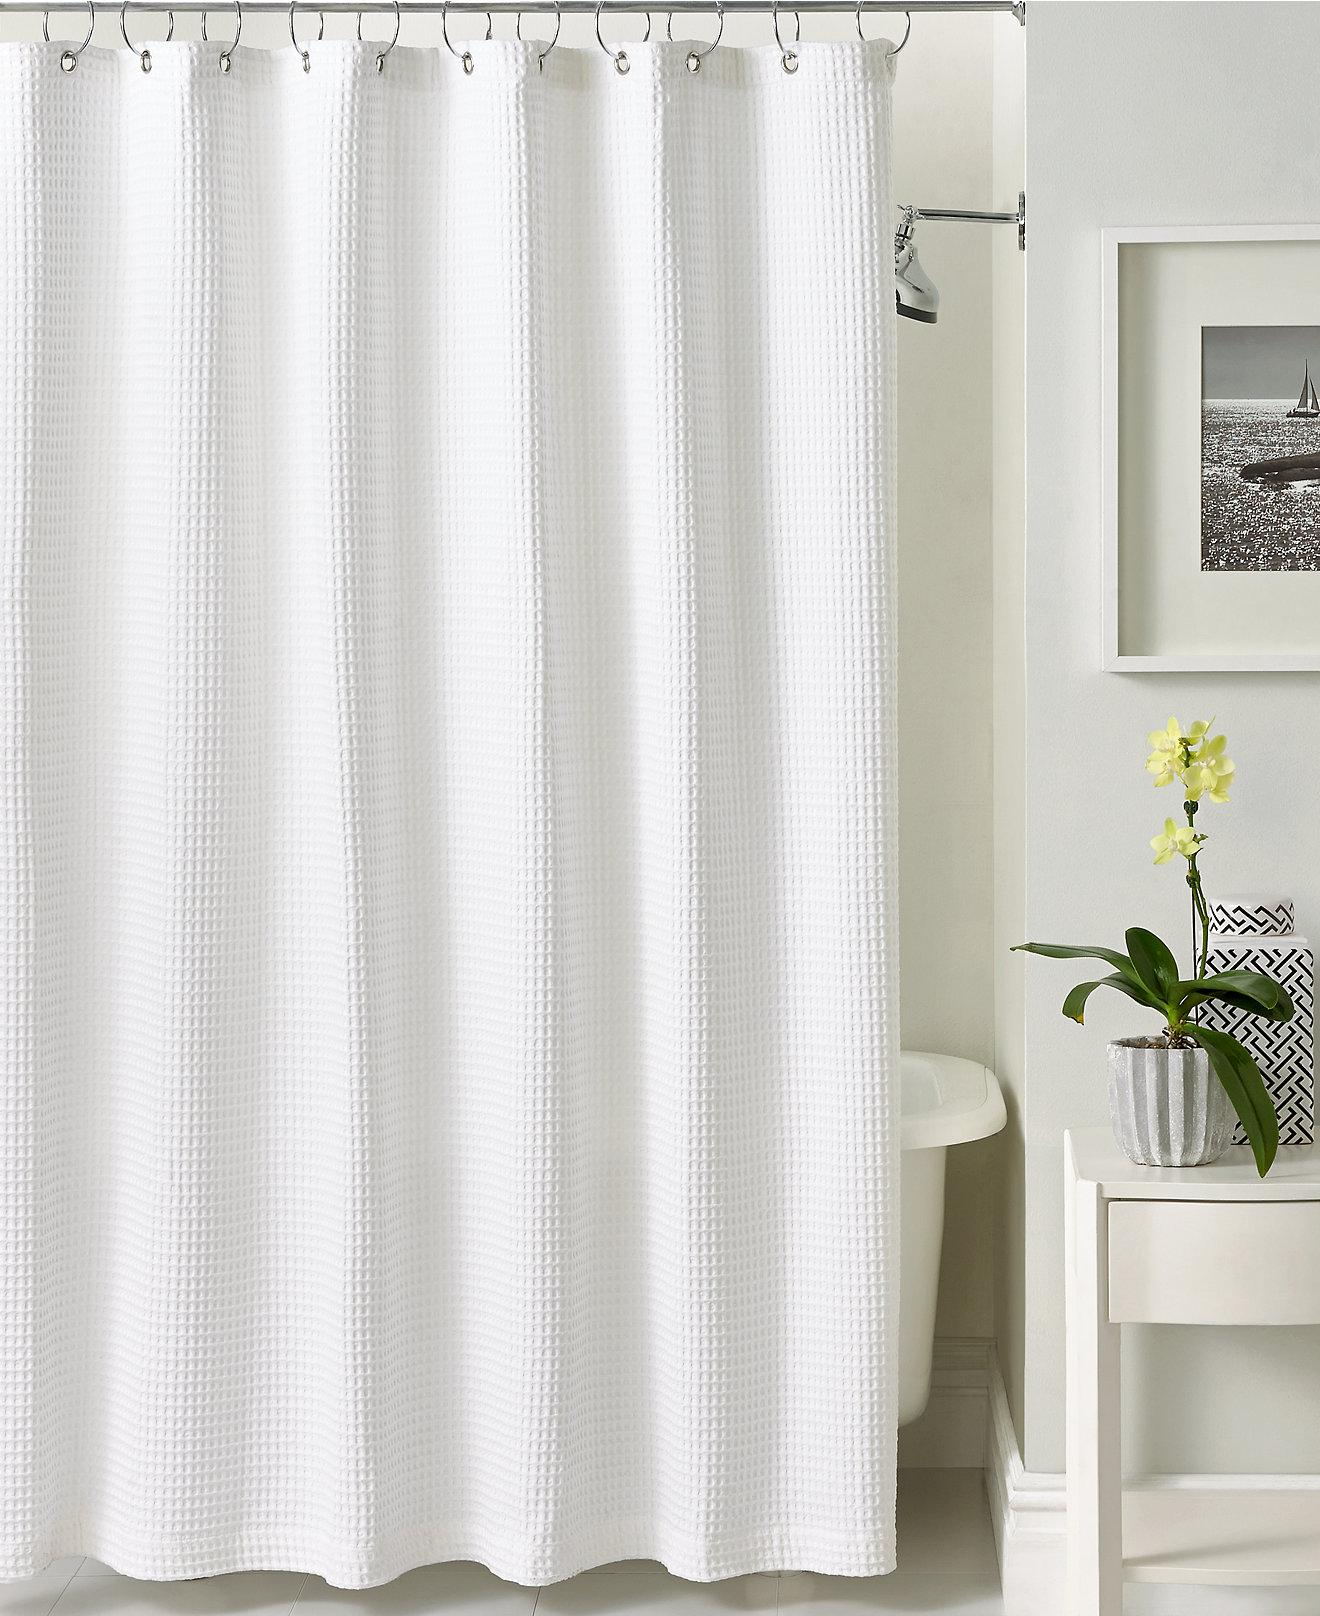 Širok spektar vinil i PVC tuš zavesa